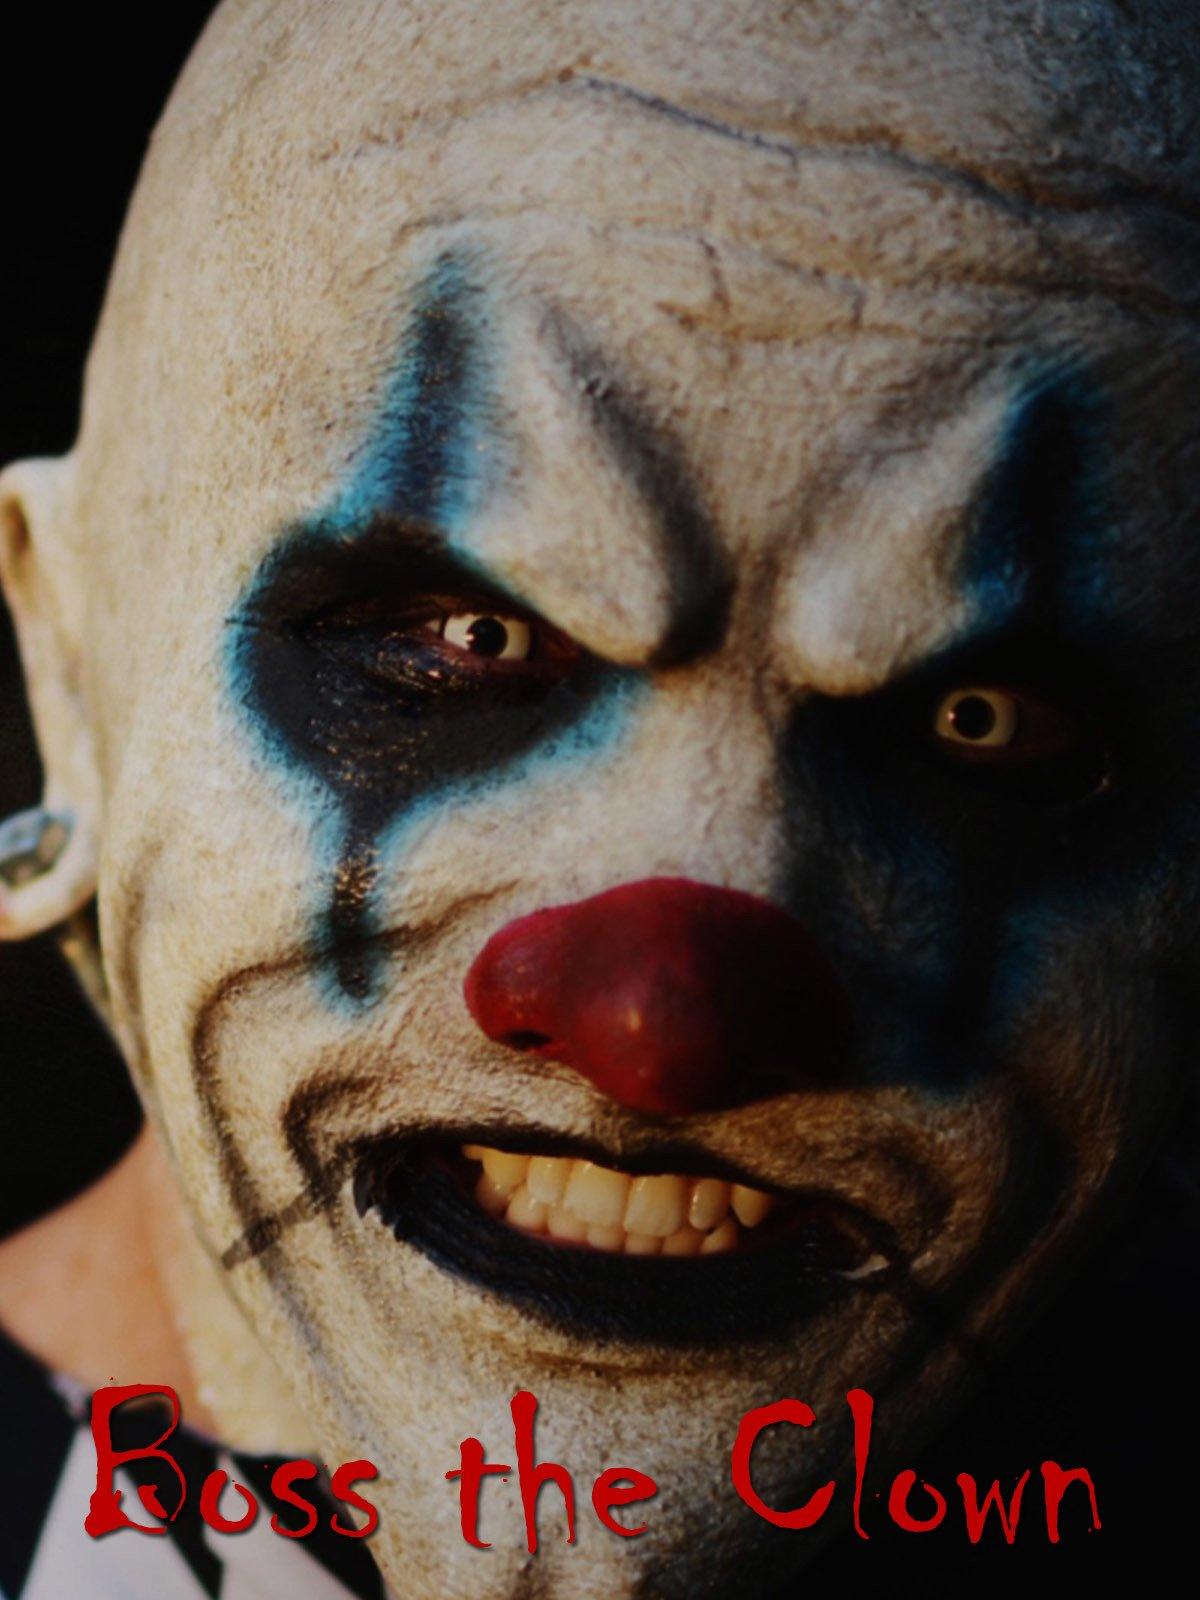 Boss the Clown